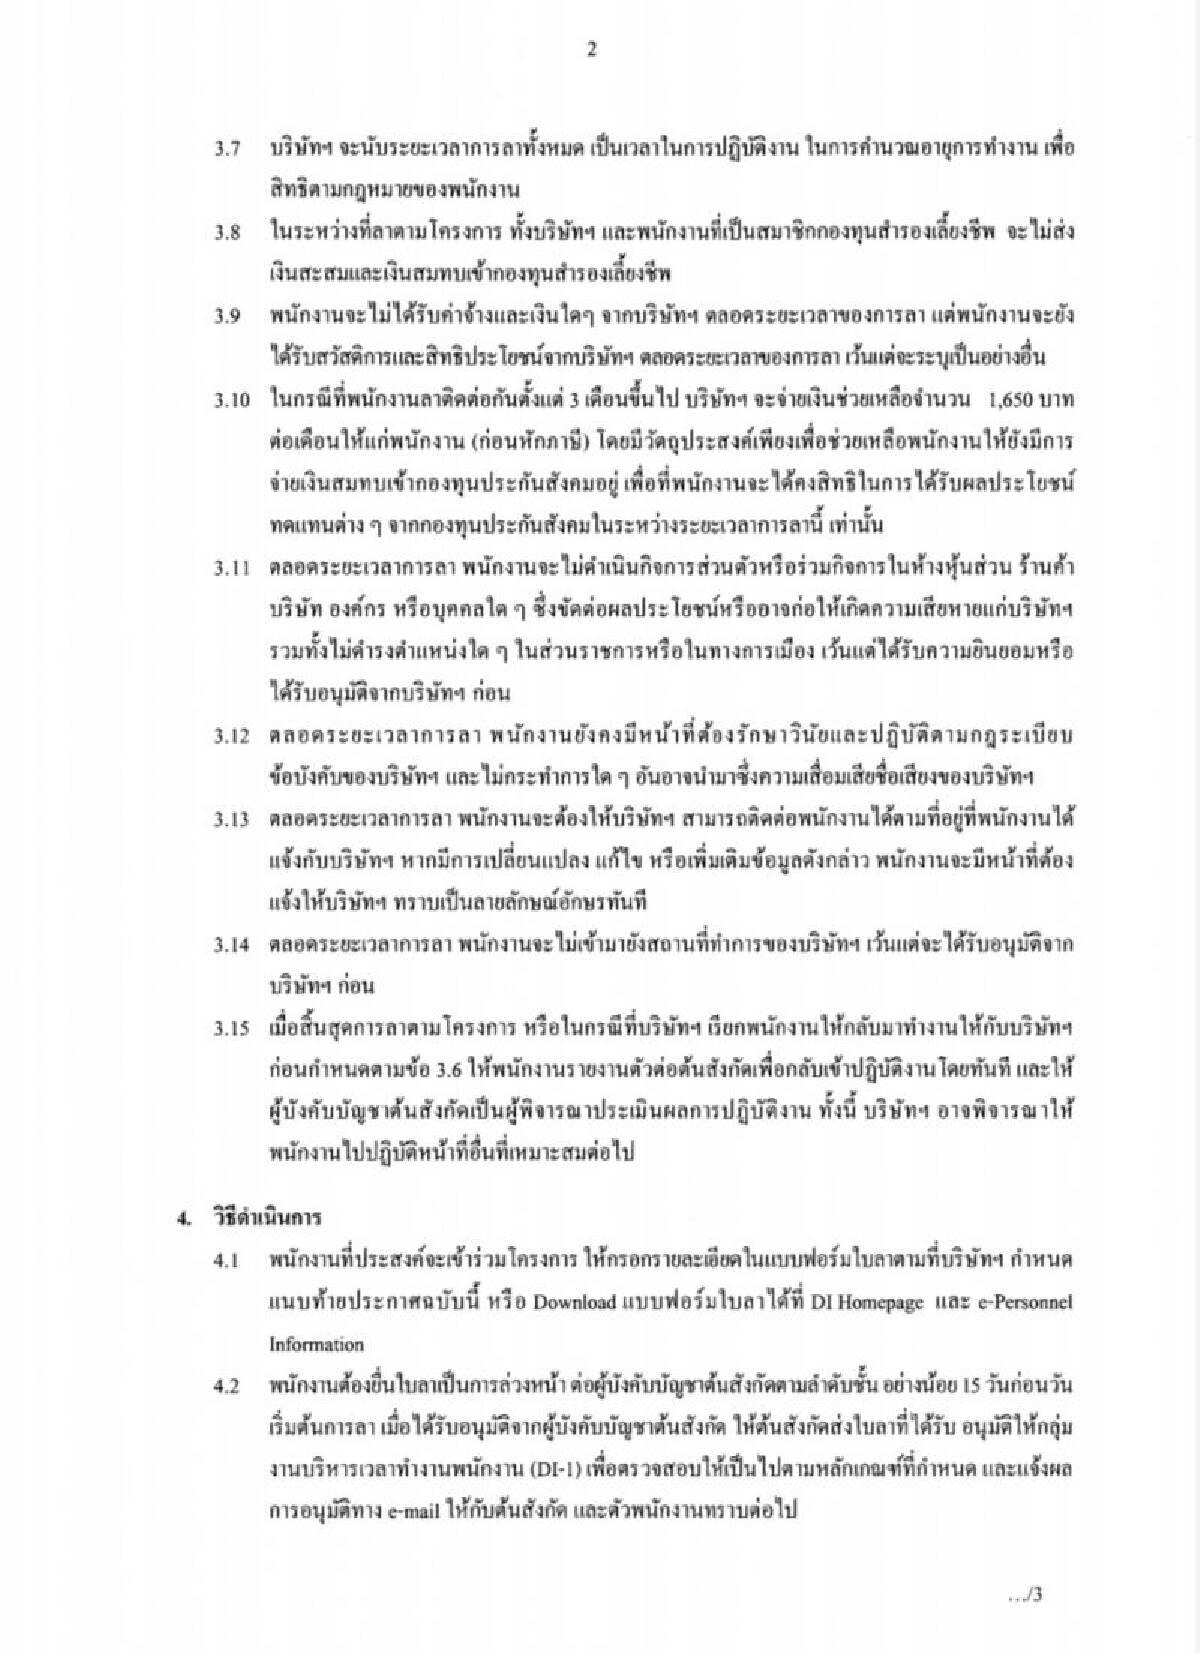 """อั้นไม่ไหว""""การบินไทย""""เปิดให้พนักงานลาหยุด1ปีไม่รับเงินเดือนเริ่ม1ก.ค.นี้"""